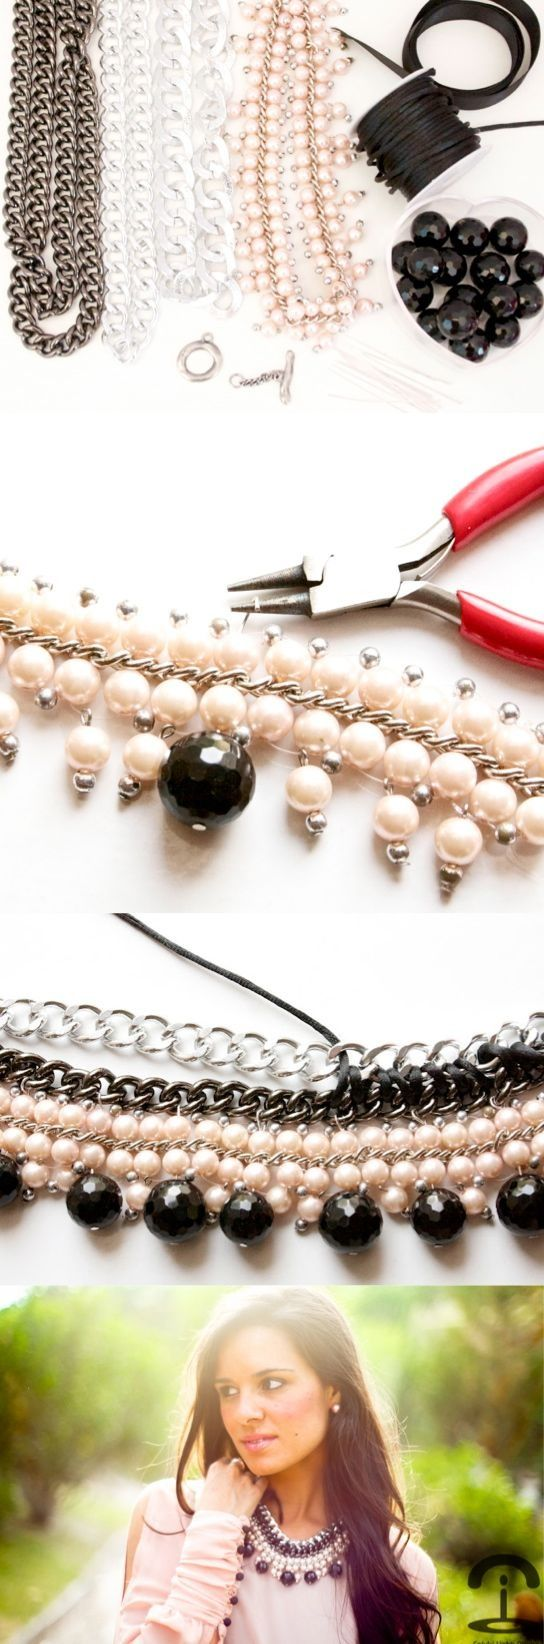 DIY Crimenes de la Moda - collar con cadenas - chain necklace